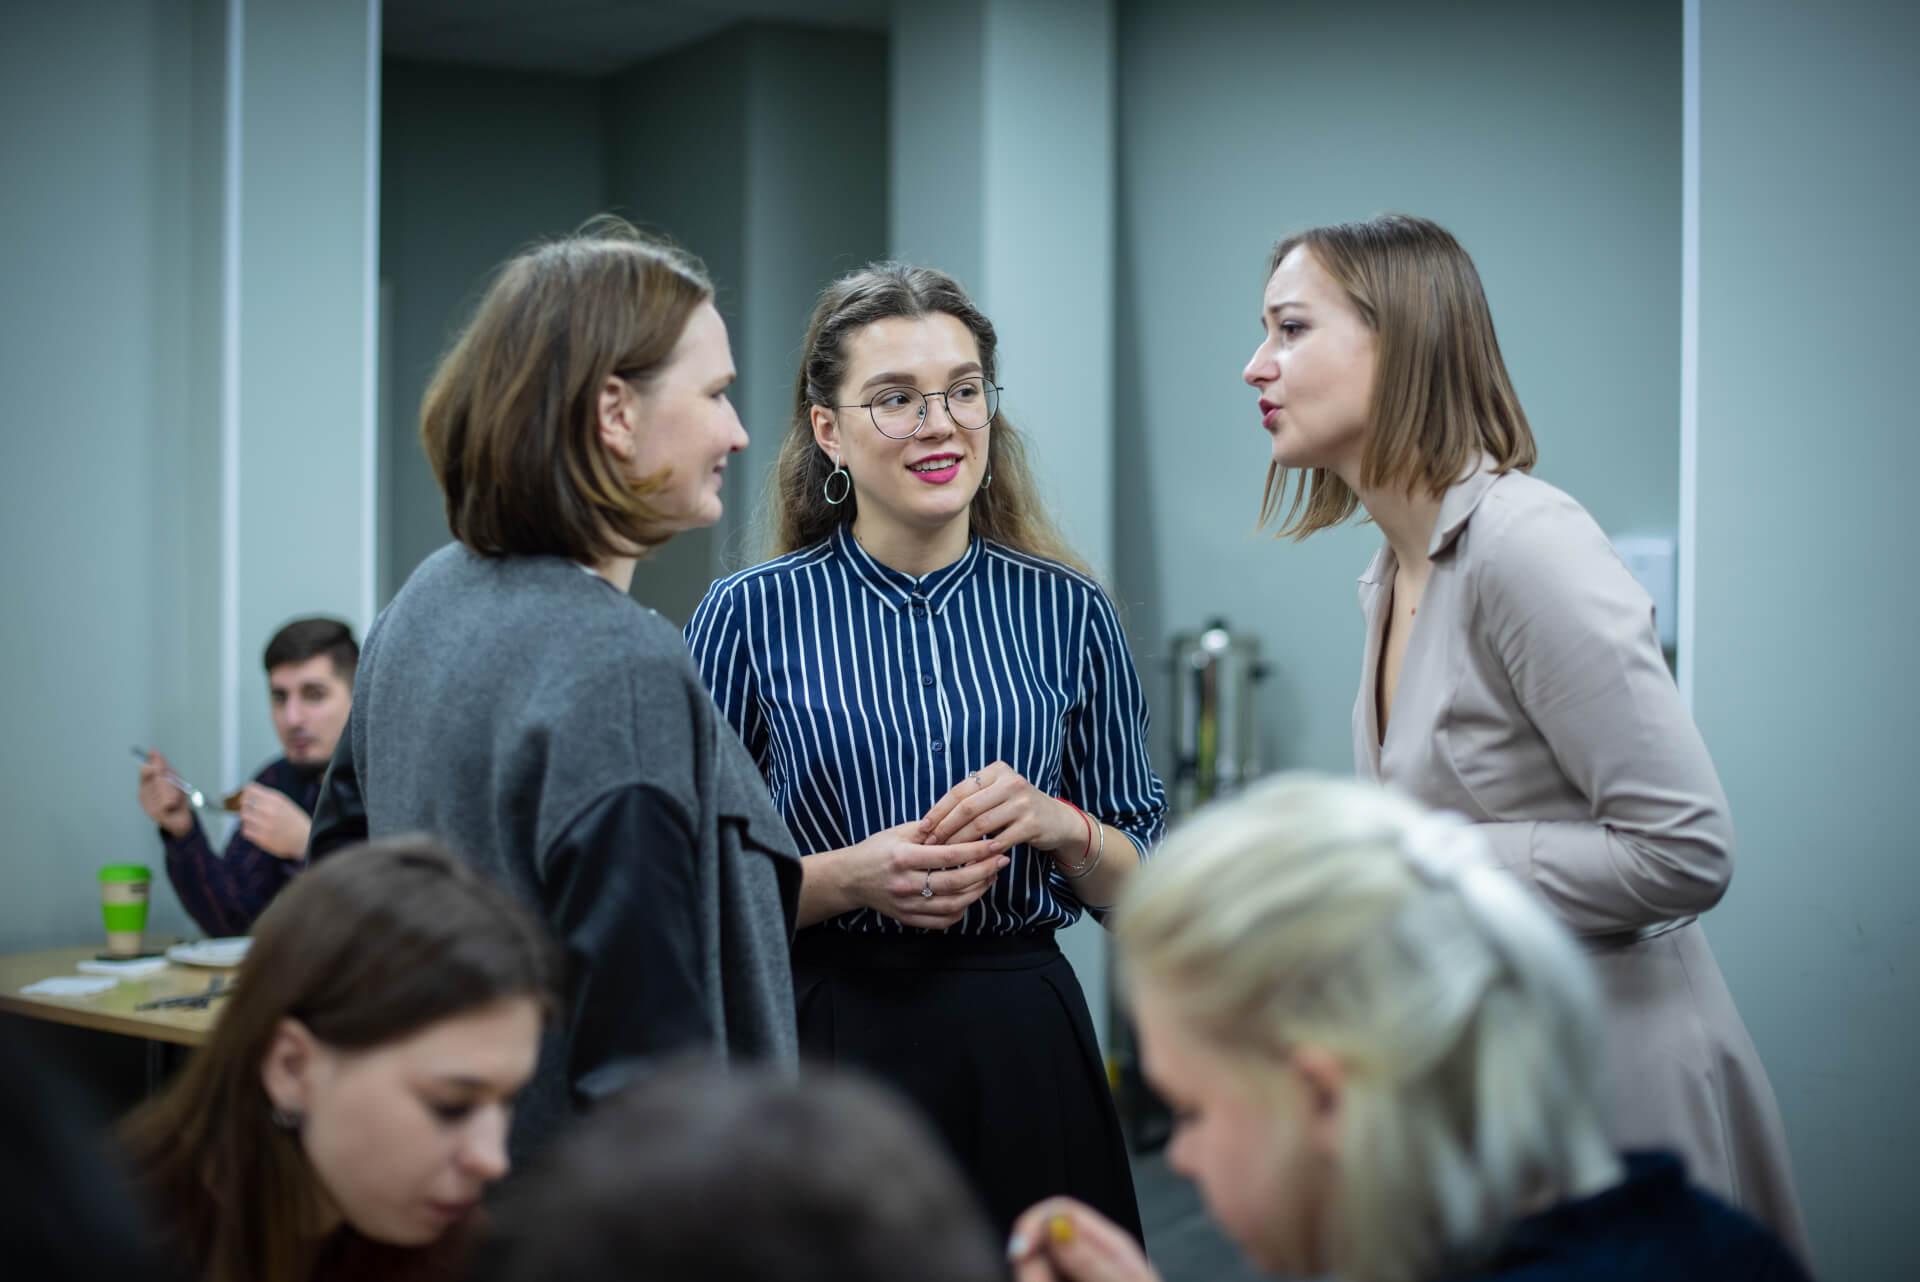 Оживити, створити та об'єднати: як і для чого працює   Асоціація молодіжних центрів України